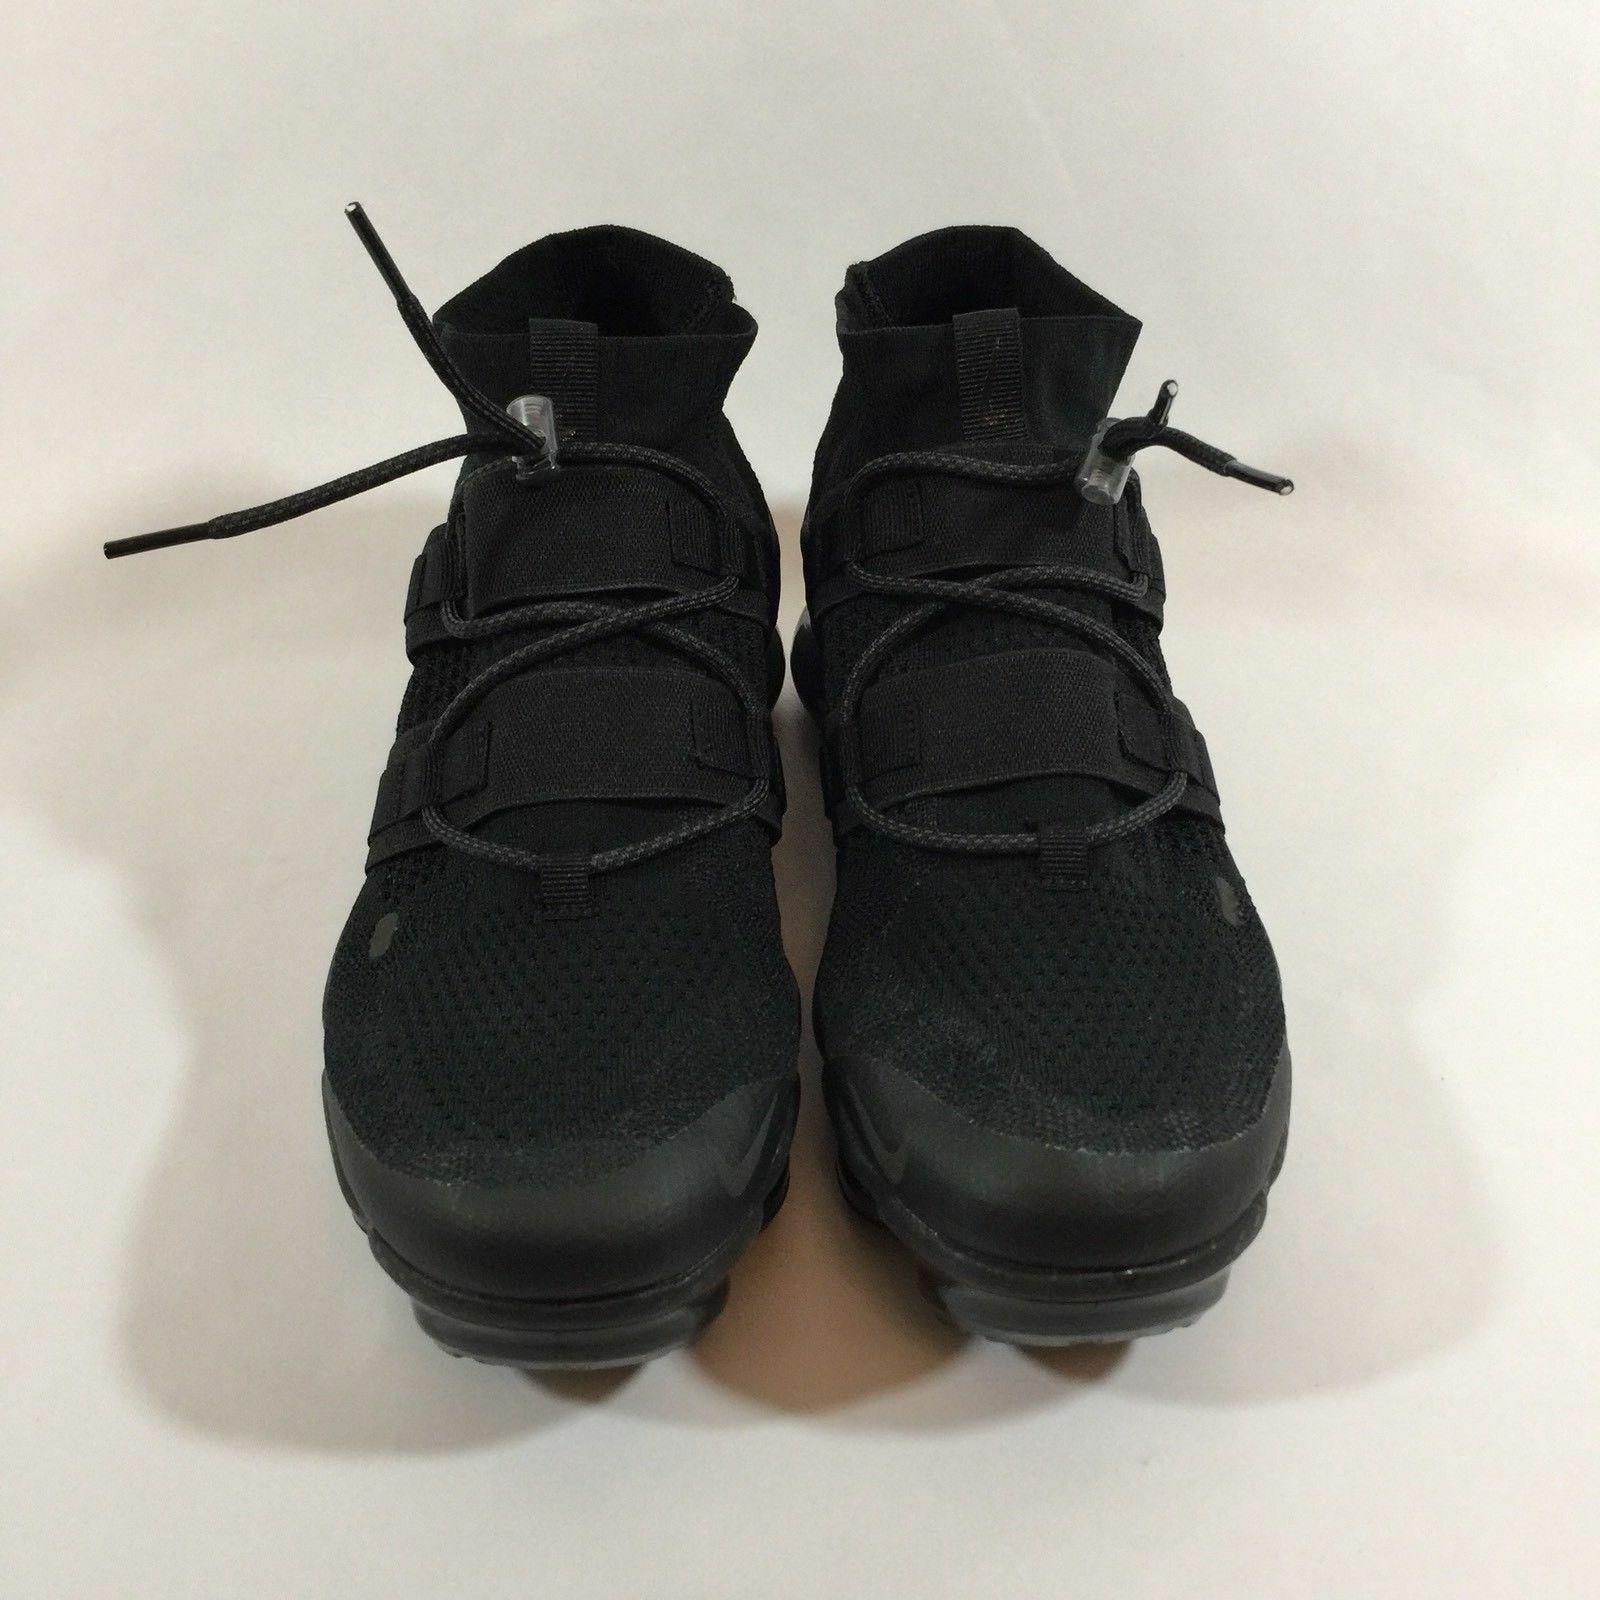 4dc54996a036 Nike Air Vapormax Flyknit Utility Triple Black Twist ACG AH6834-001 Men Sz.  8.5